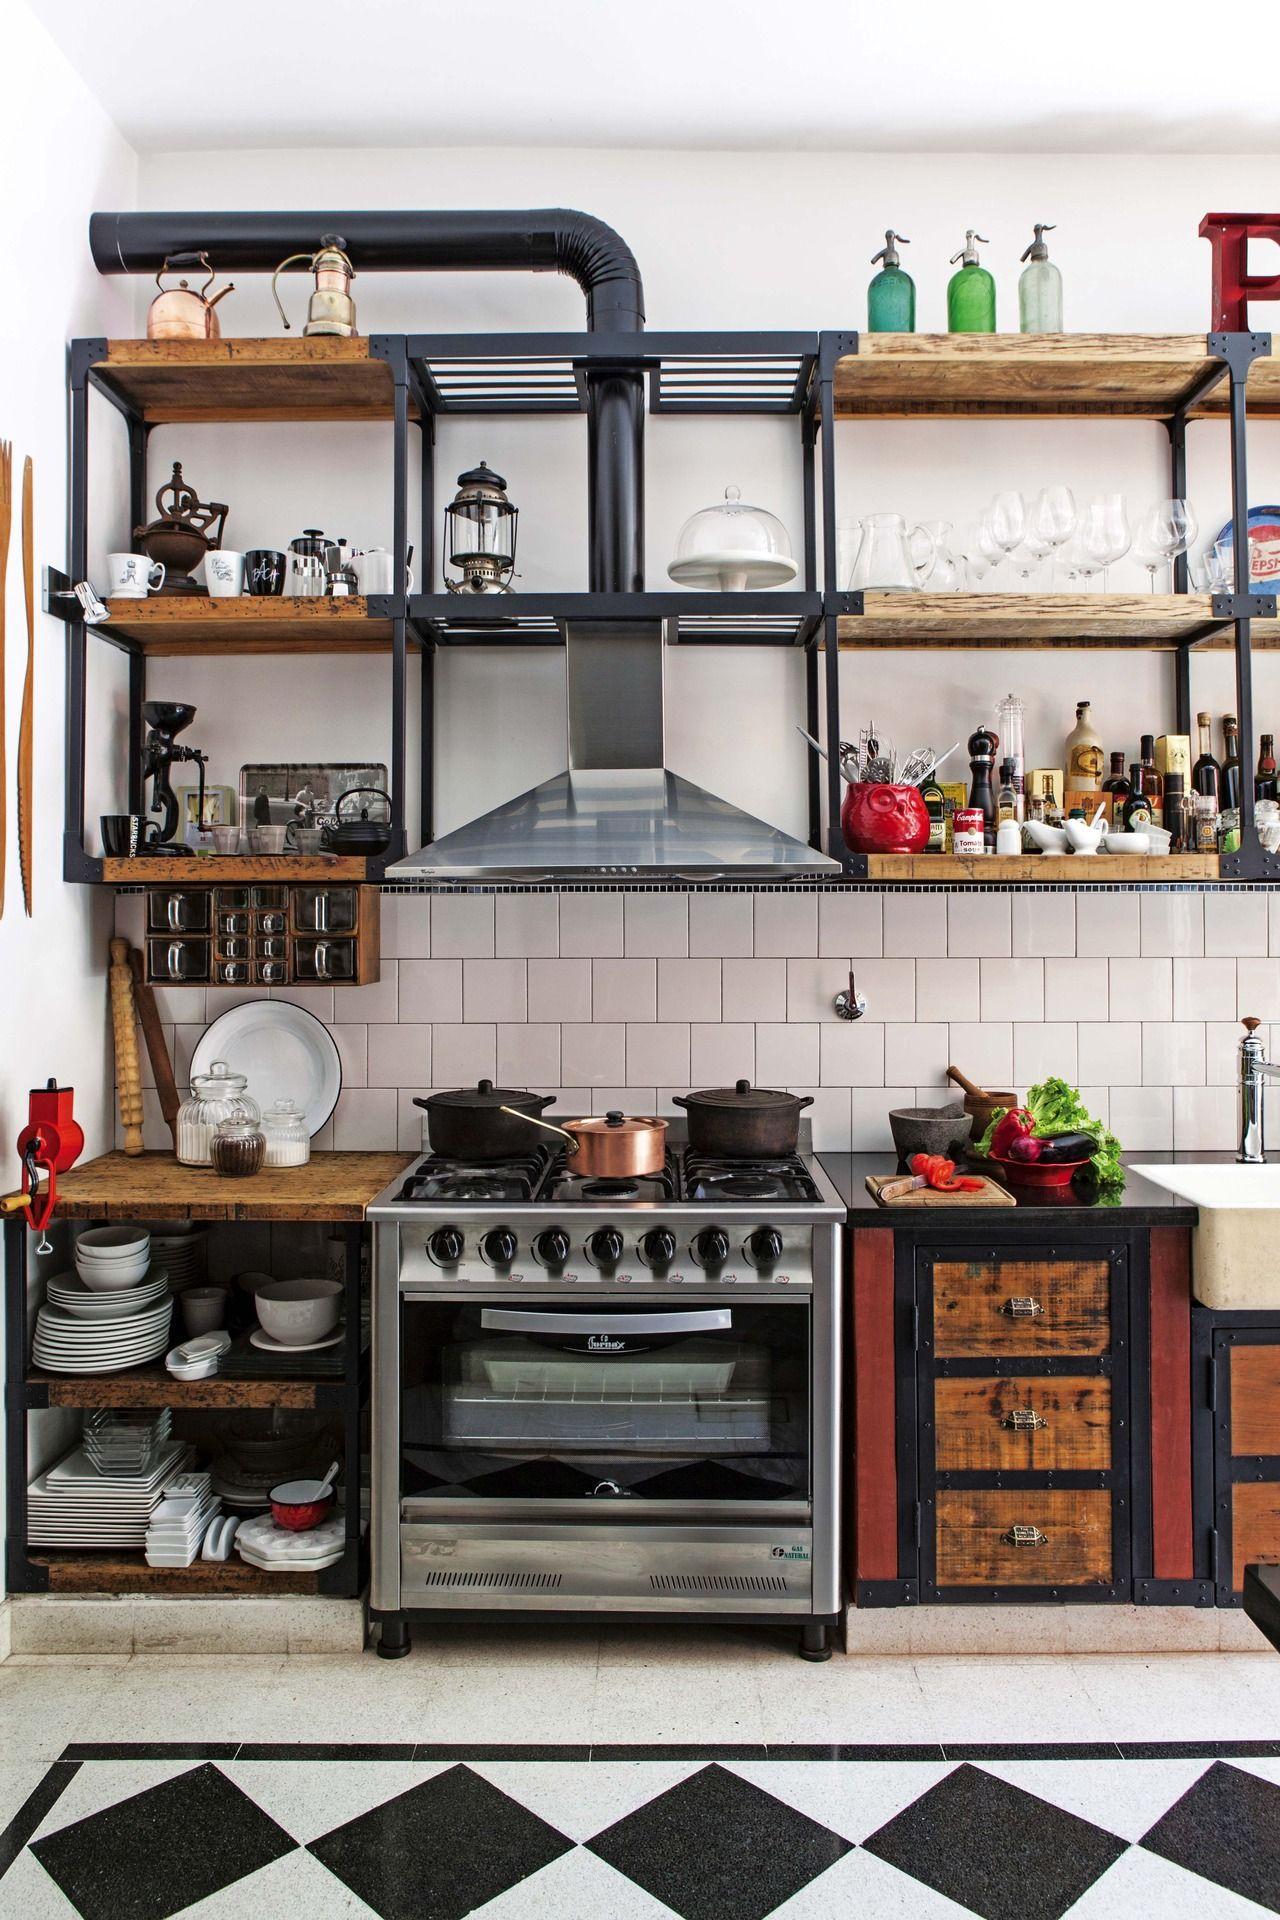 Una cocina dise ada para exponer los tesoros de sus due os for Mesadas de marmol para cocina